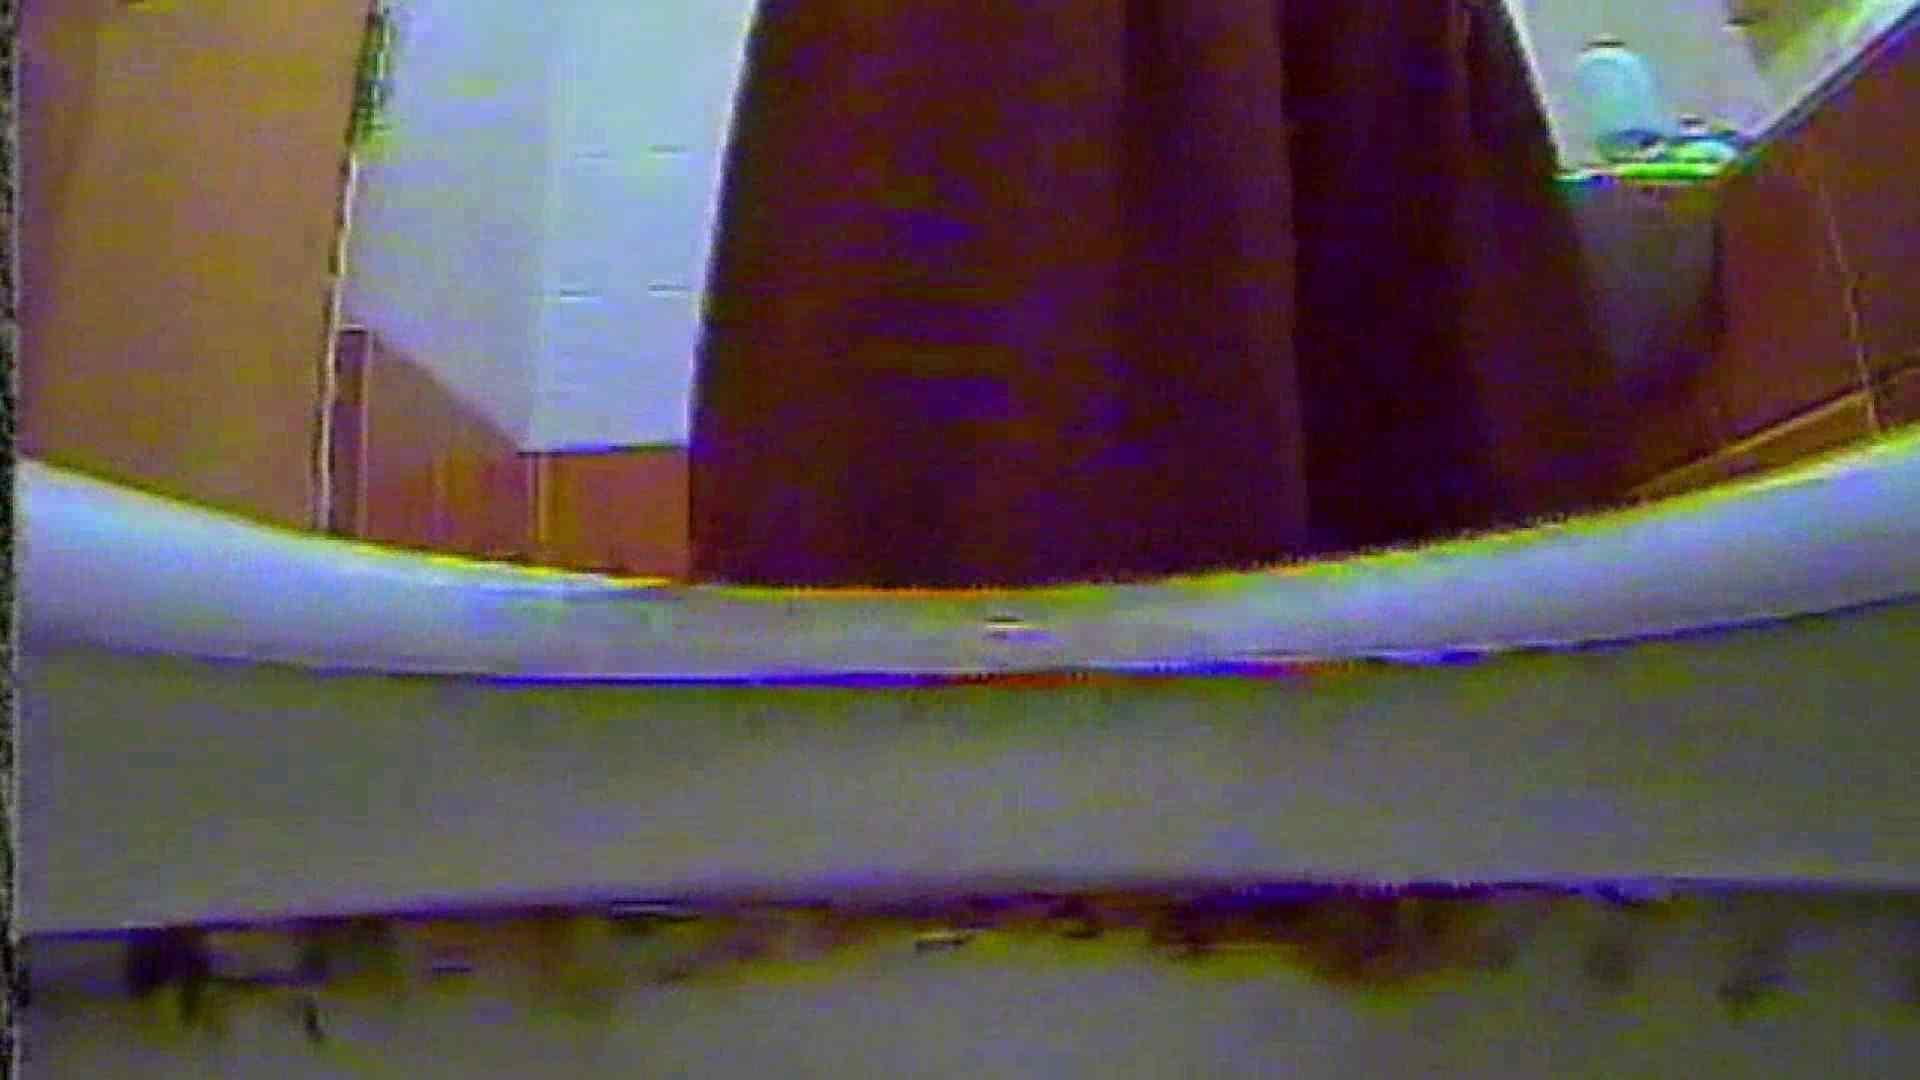 キレカワ女子大生の秘密の洗面所!Vol.047 萌え女子大生 エロ画像 105連発 21